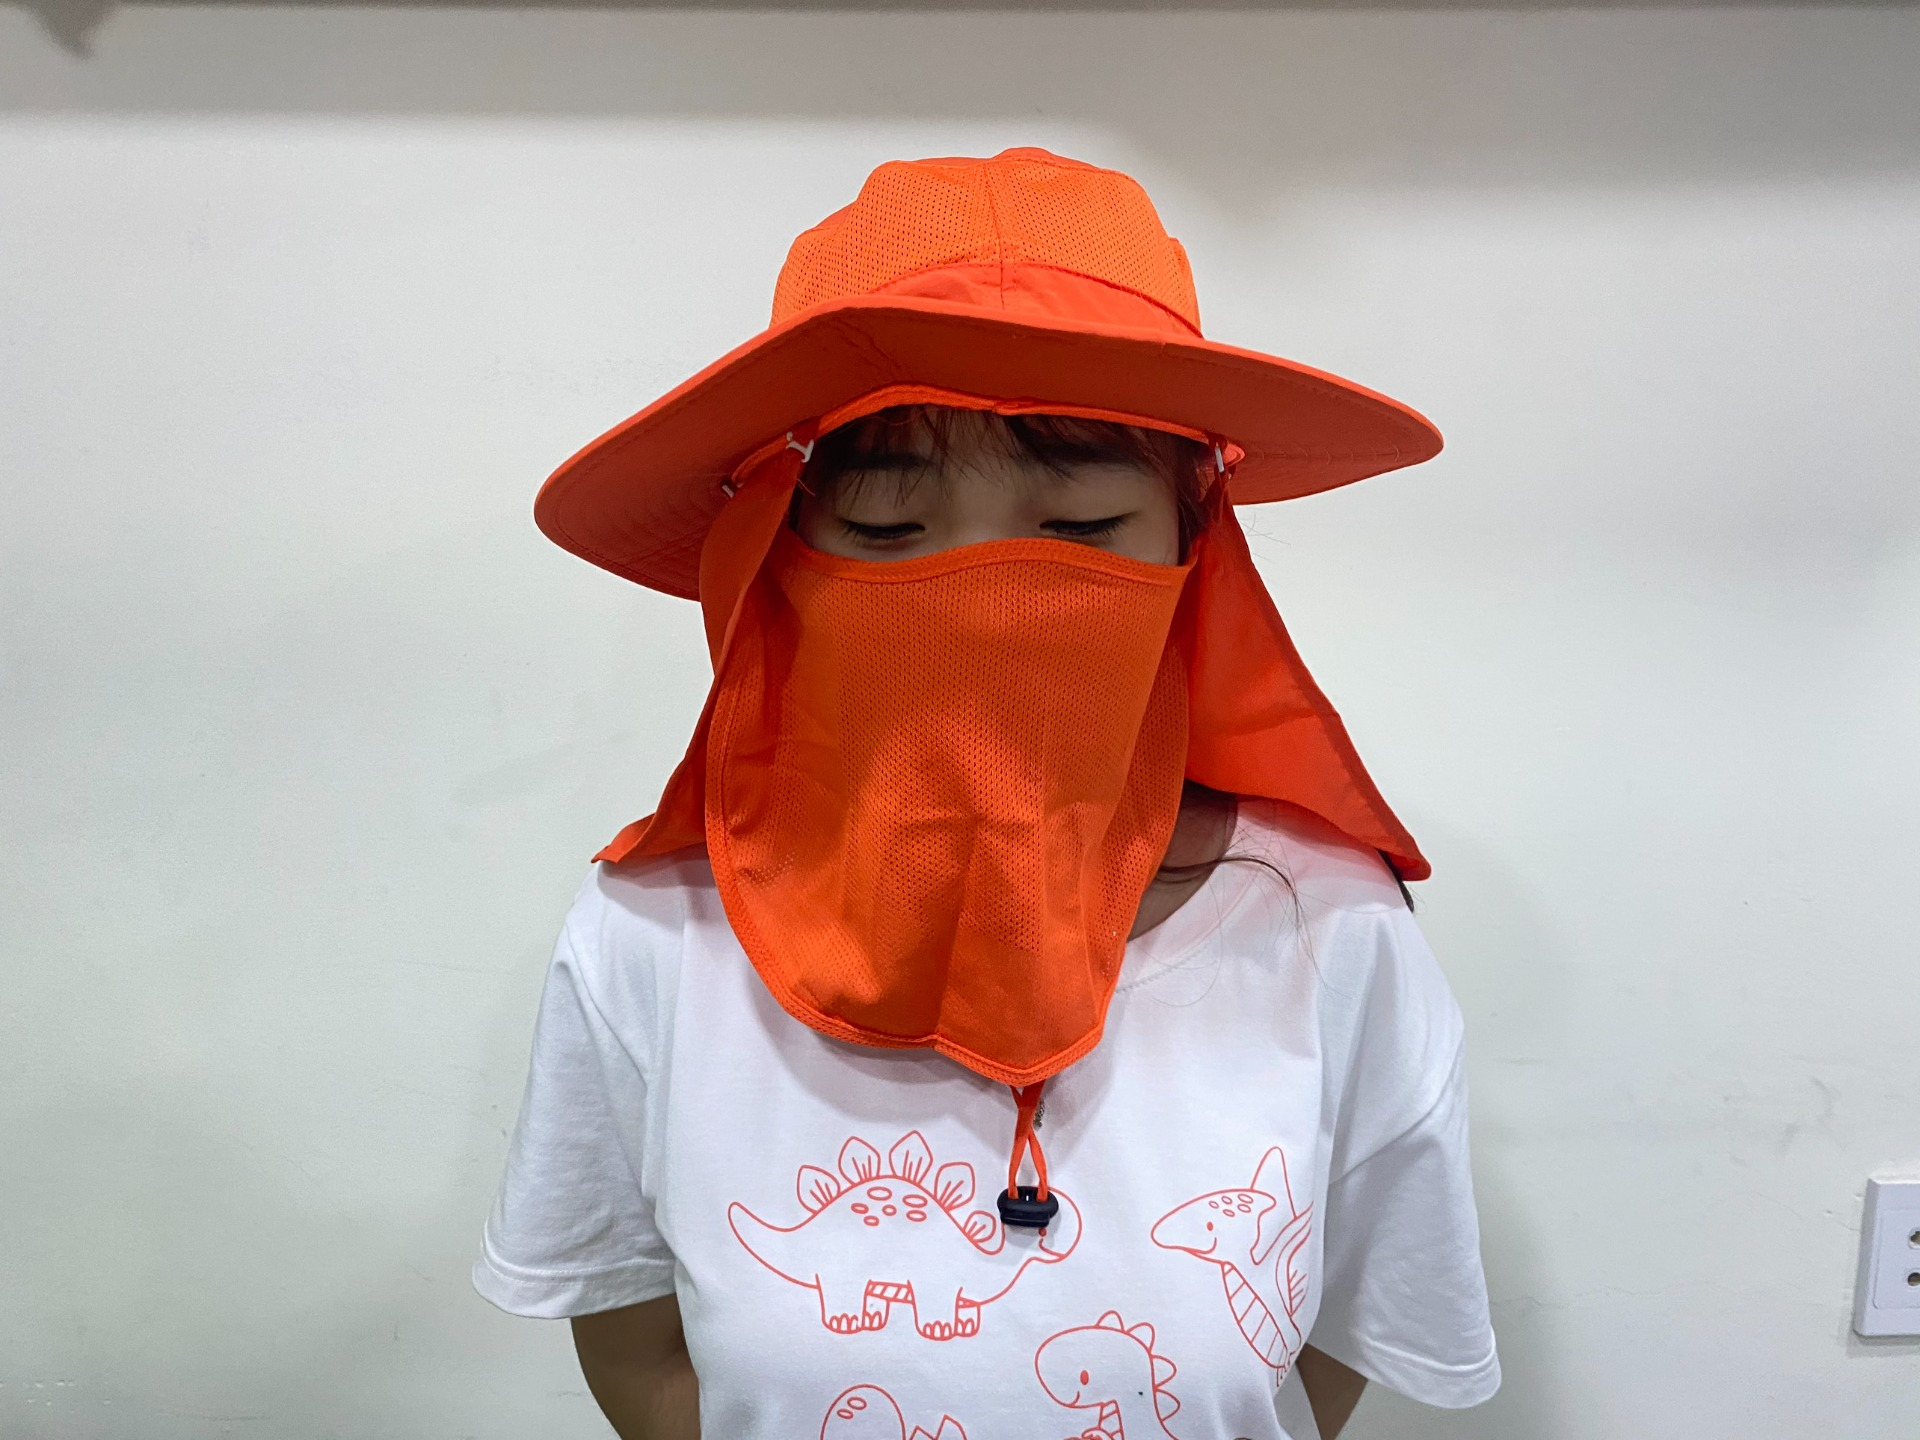 xưởng may mũ chống nắng, mũ trùm mặt kèm khẩu trang